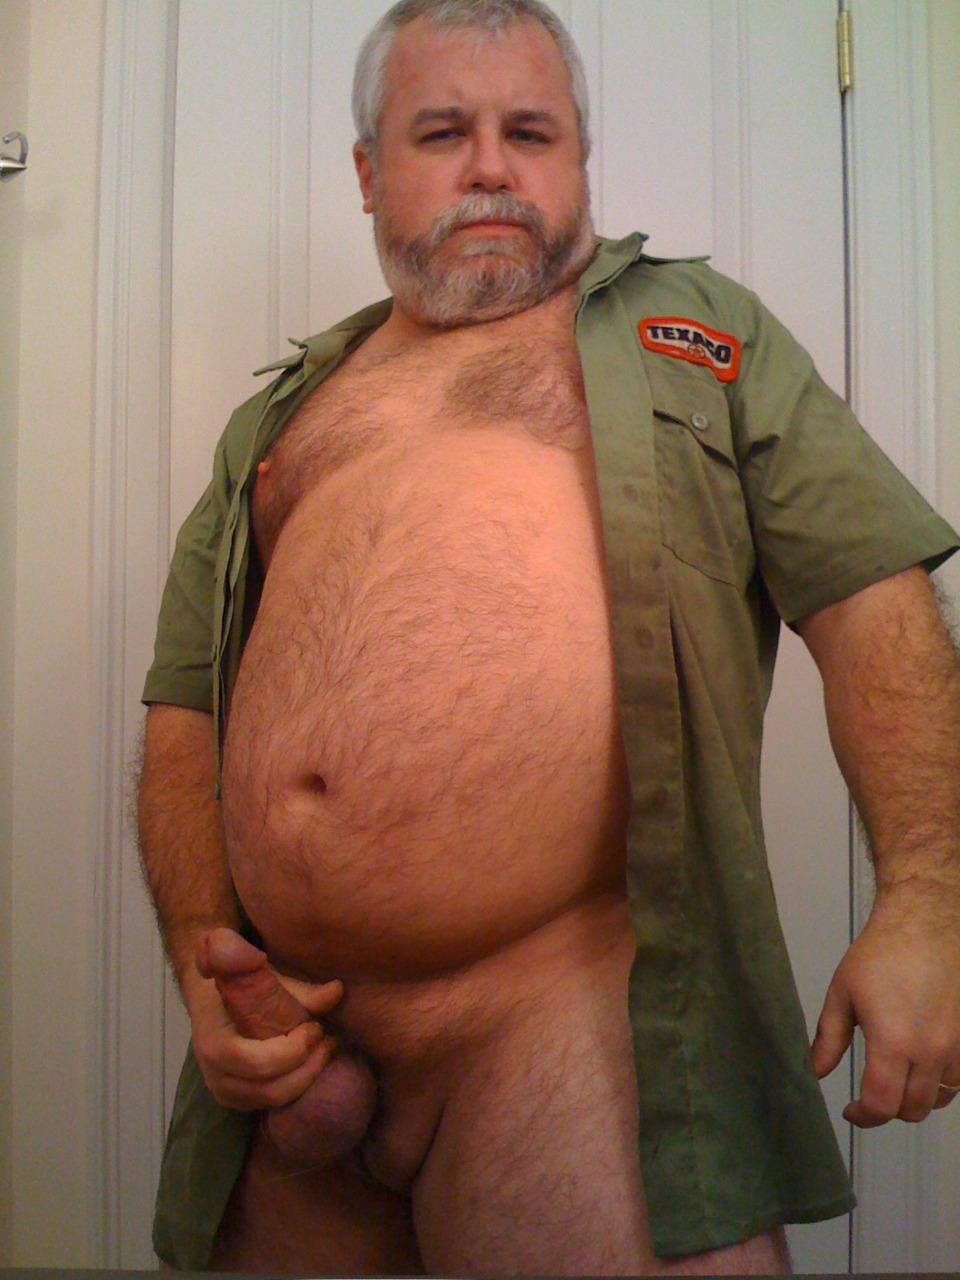 Fat hairy men having gay sex free movie jr 3